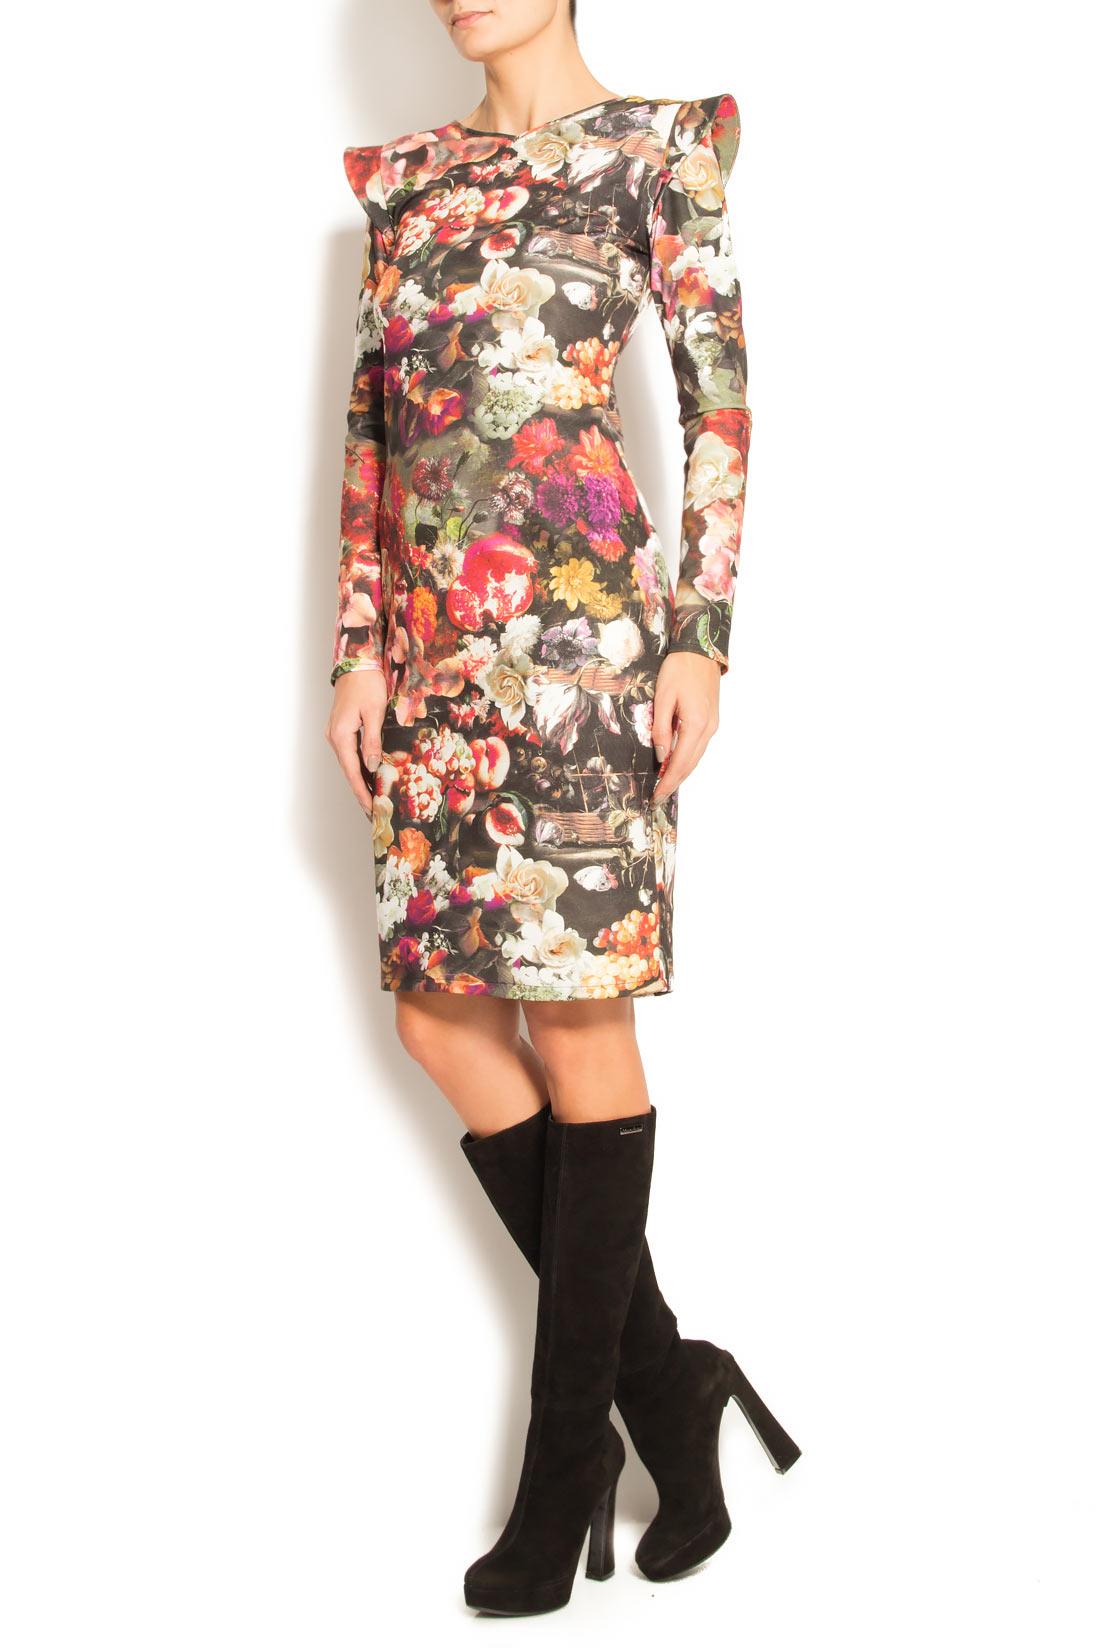 Rochie din neopren cu imprimeu floral Arina Varga imagine 1